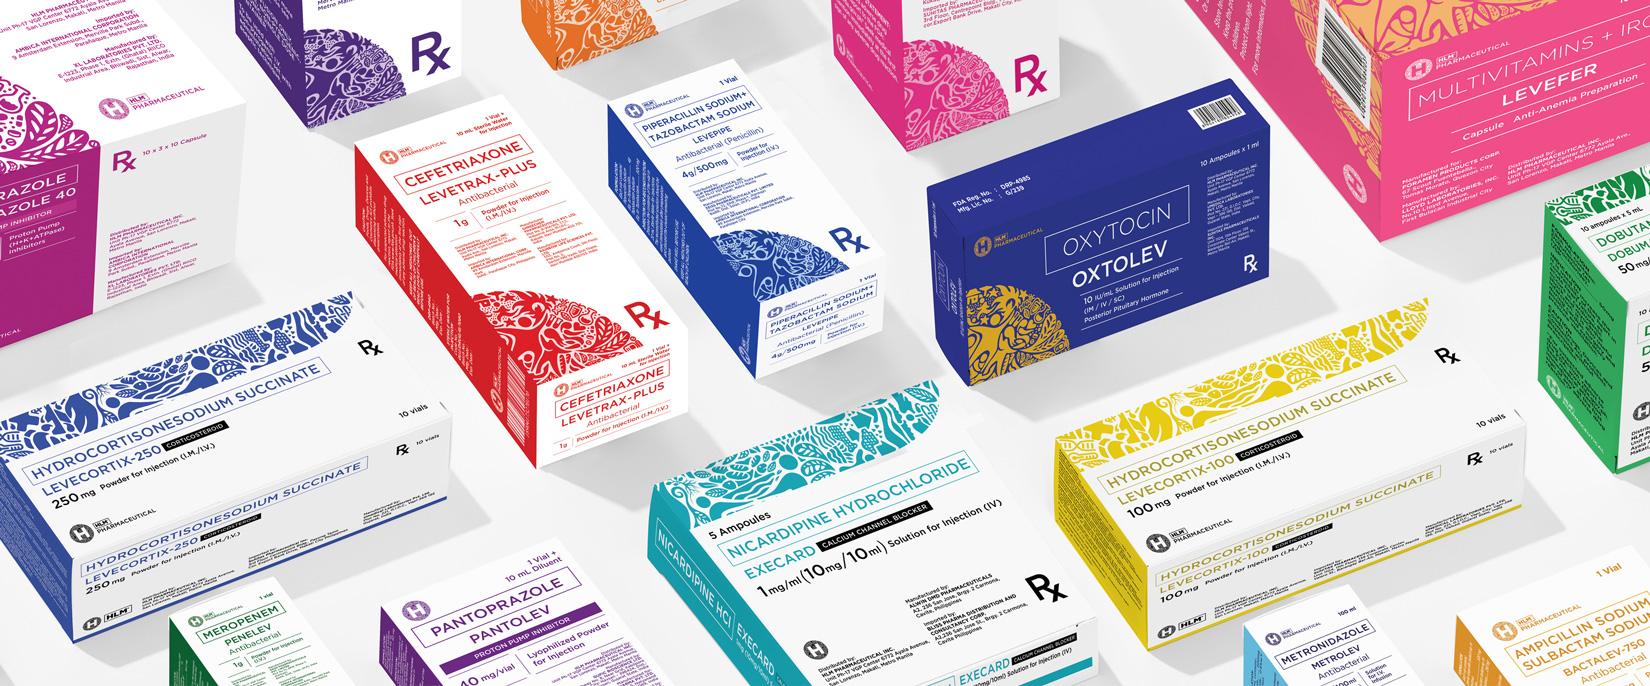 HLM-Pharma-1